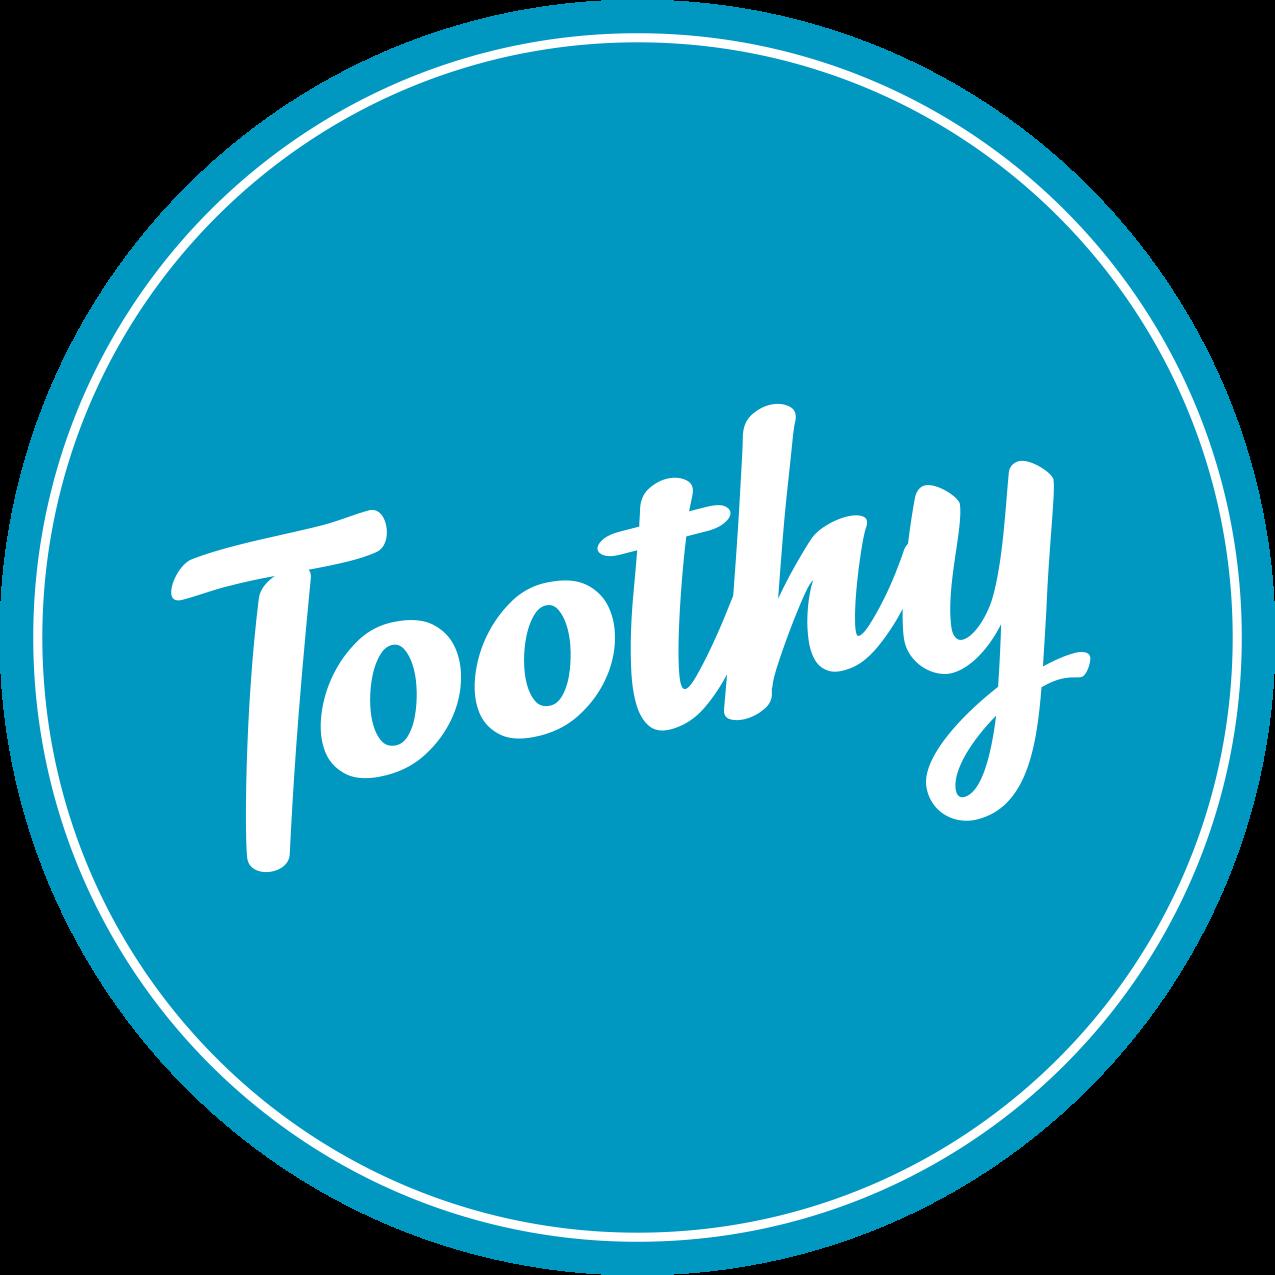 Toothy_Circle_Ocean.png